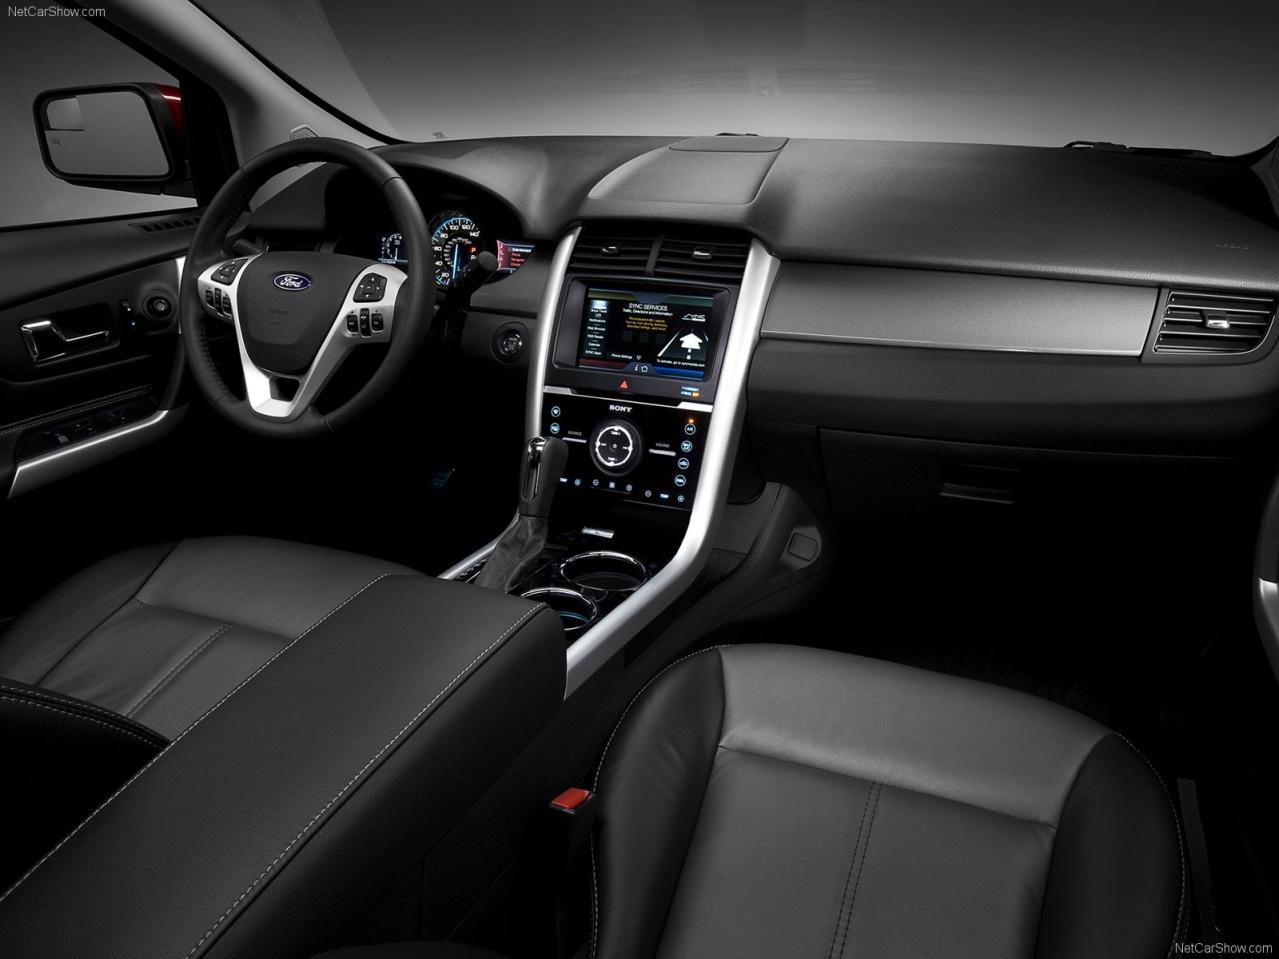 Kia Performance Center >> Das kostet der neue Ford Edge : Neues SUV-Top-Modell kommt nach Europa - Fotostrecke - VAU-MAX ...